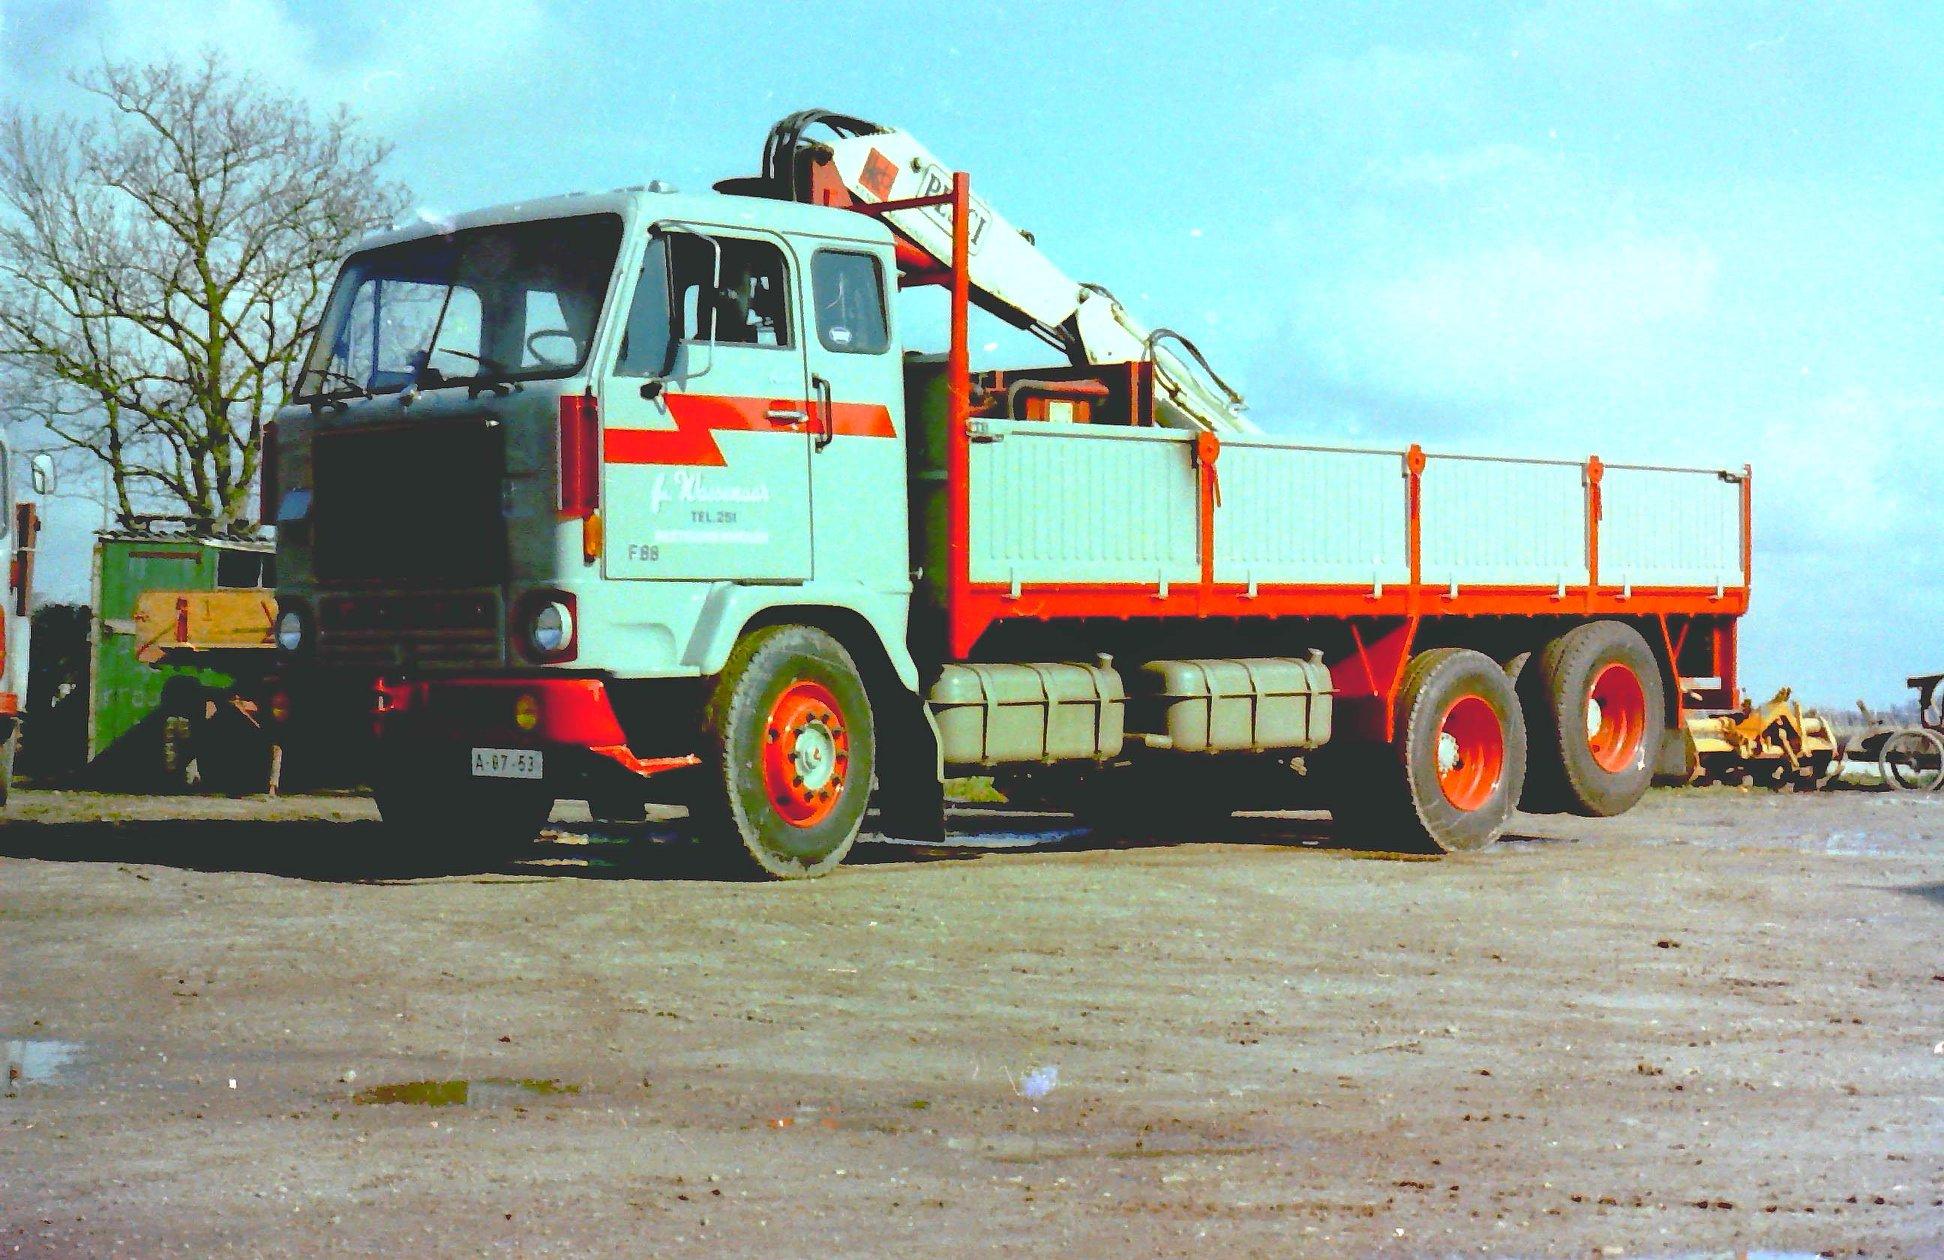 2-vrachtautos-van-Wassenaar-in-Beetgumermolen-gemaakt-voor-de-oude-loods-in-Beetgumermolen--fotos-door-mij-gemaakt-Lolle-1